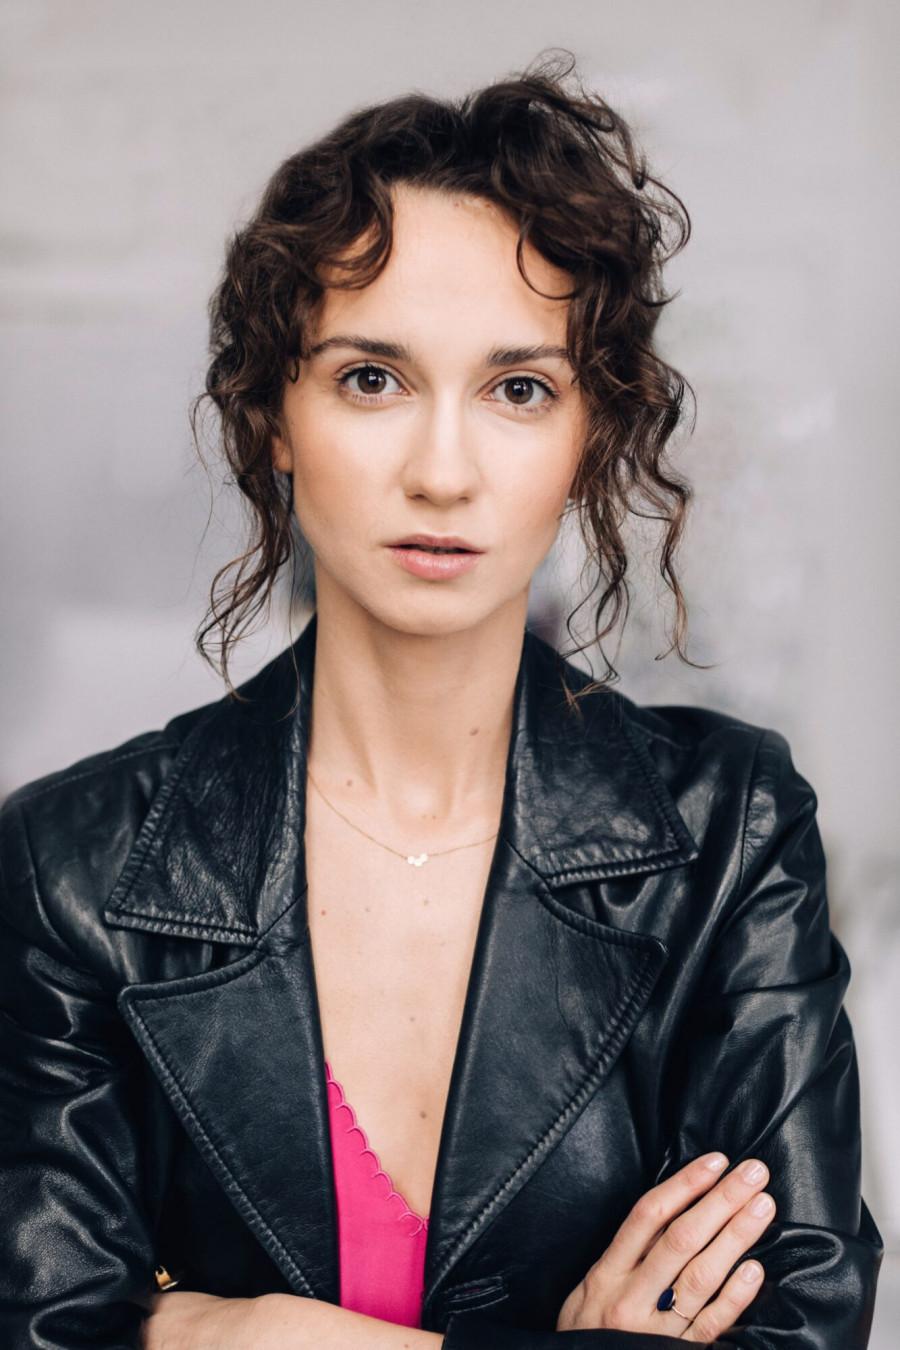 Ewa Jakubowicz